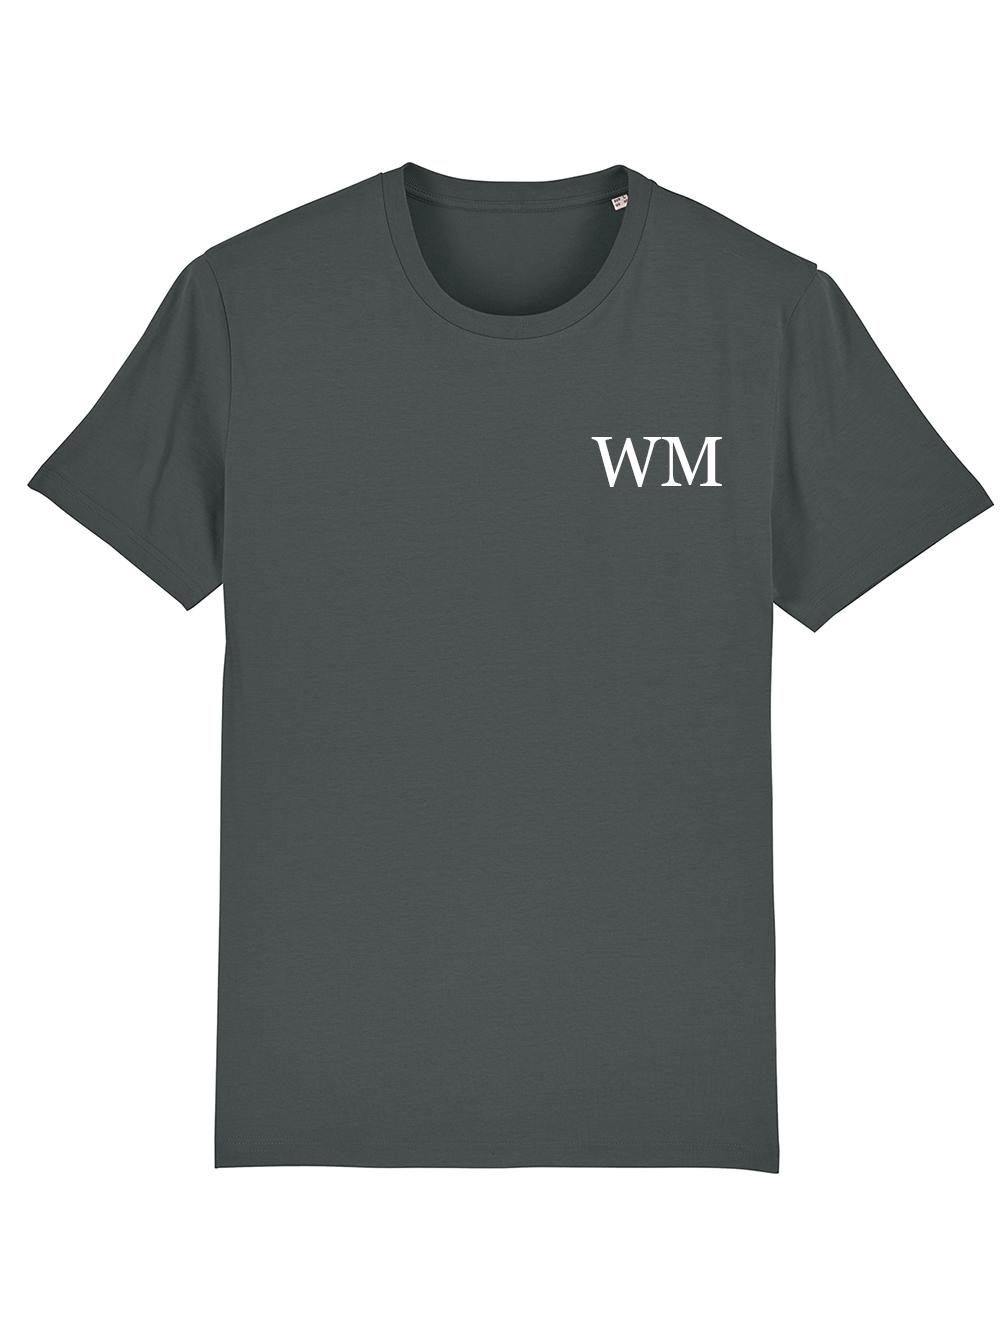 Mens Initial Tshirt – Grey